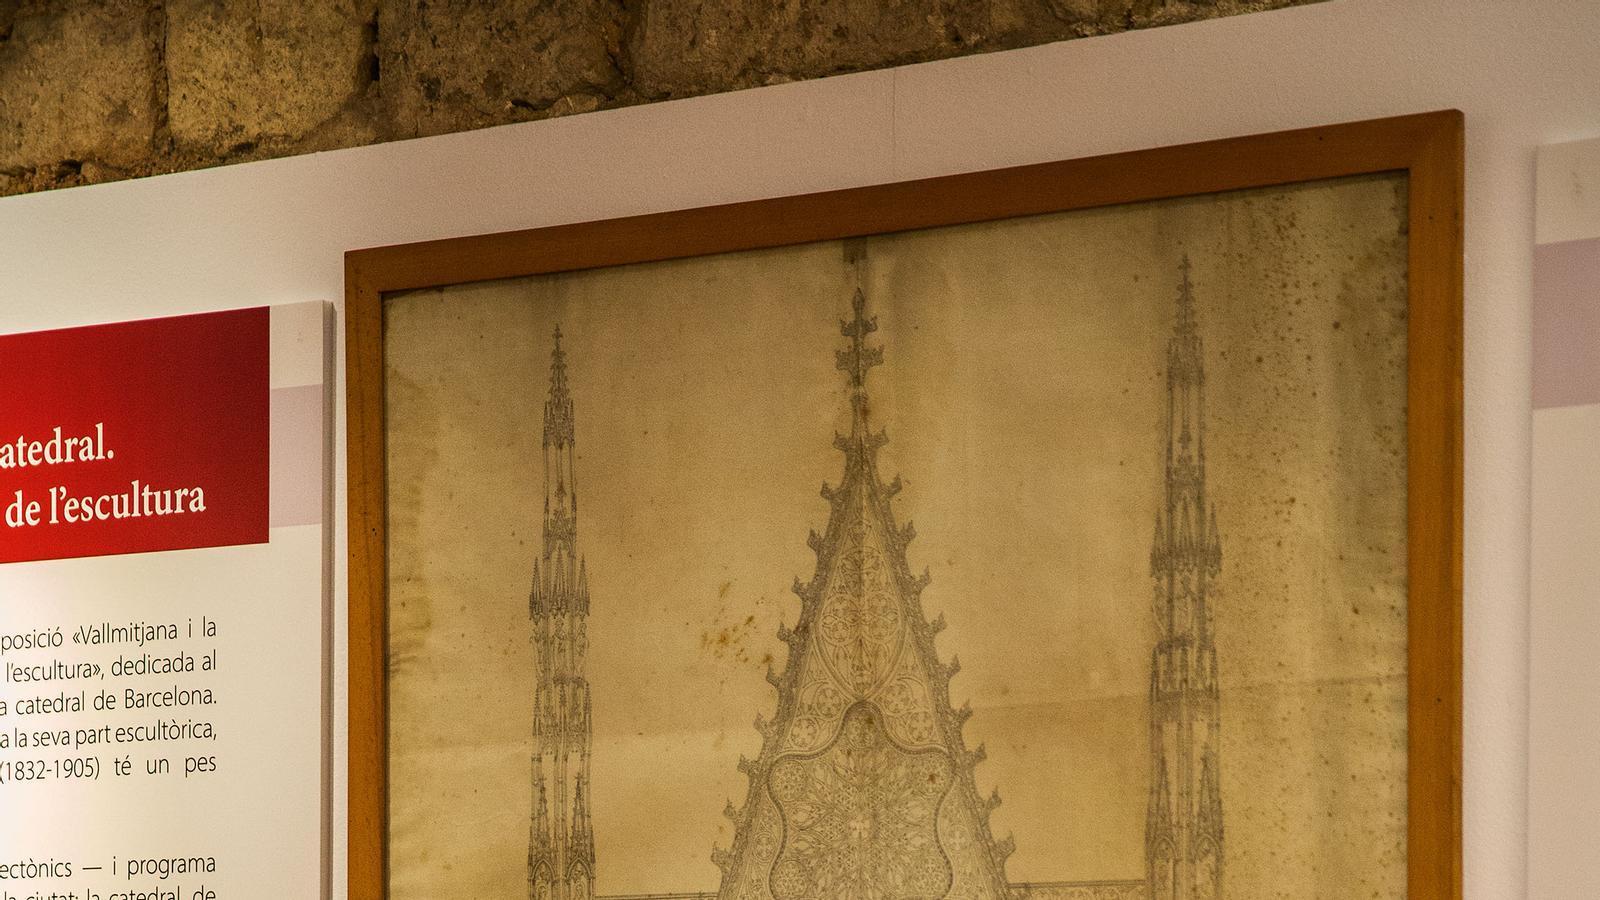 Un projecte de la gran portala de la catedral de Barcelona inclòs dins la mostra